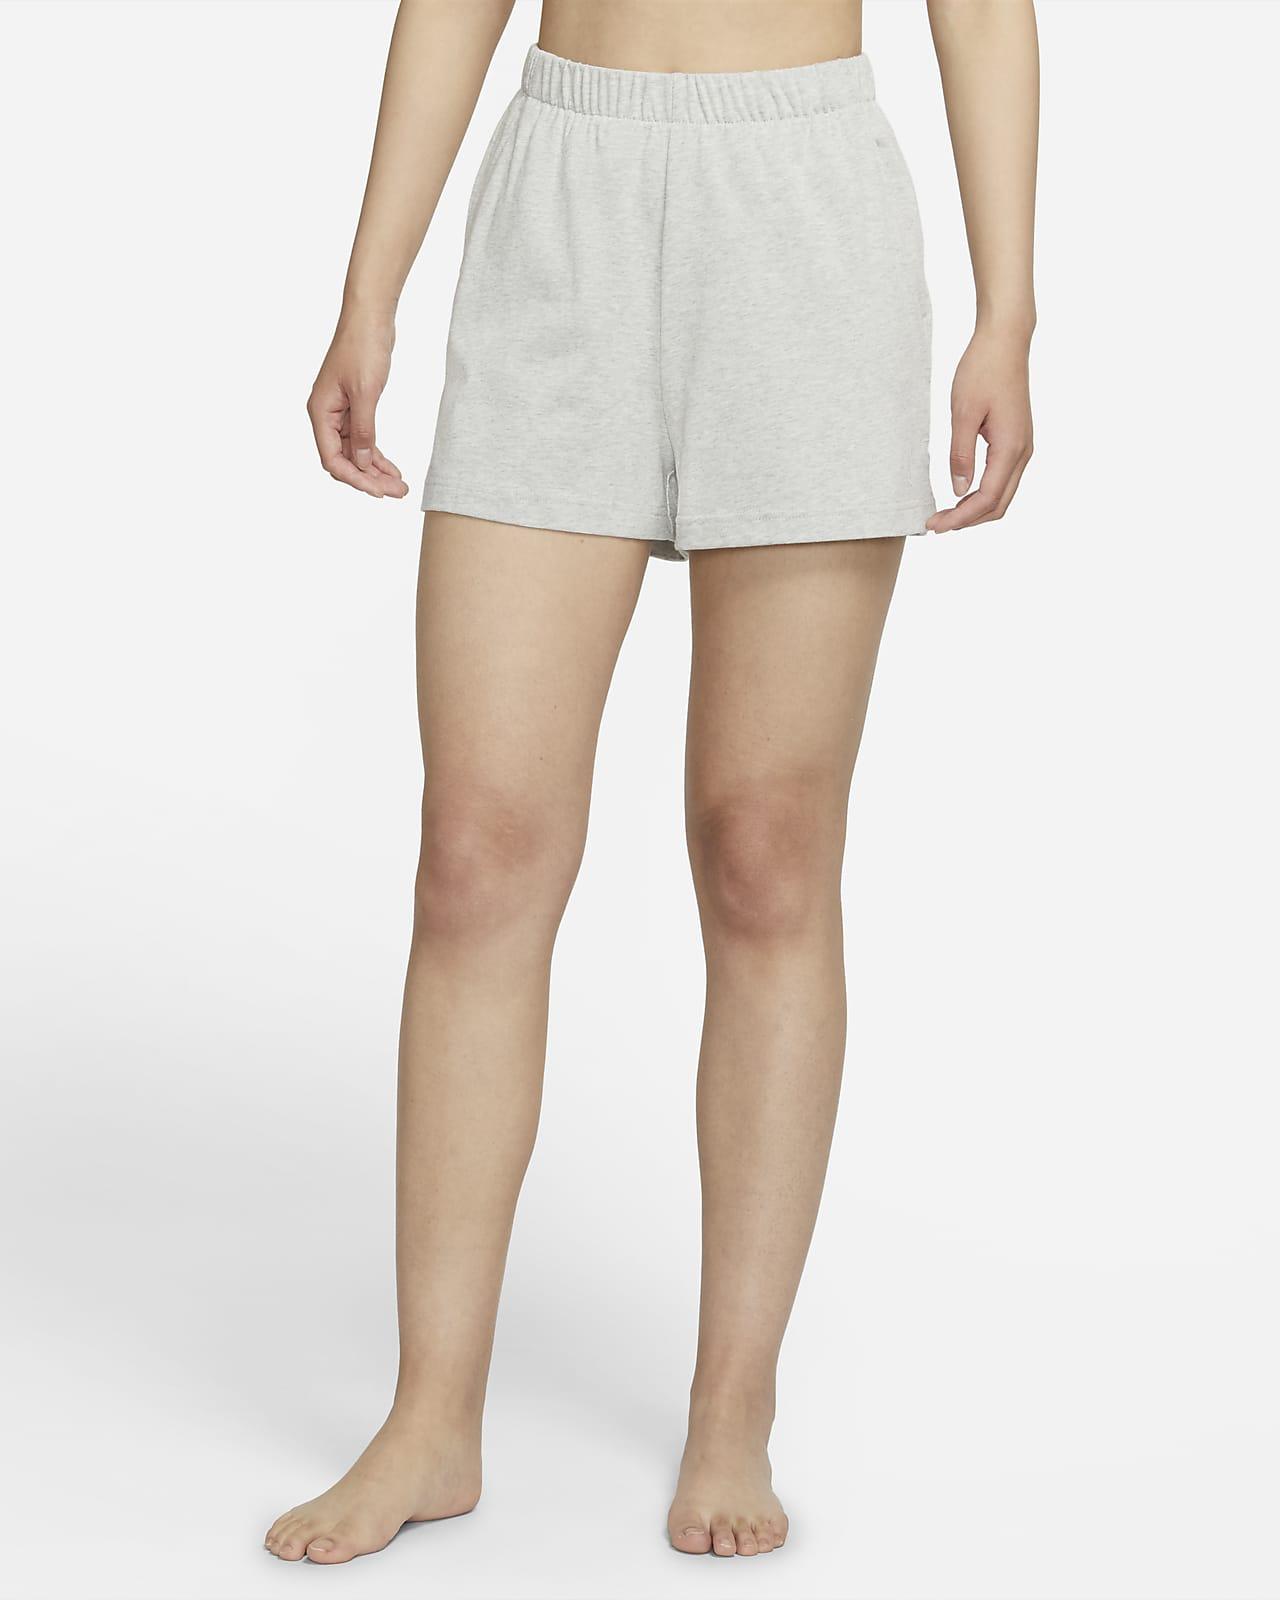 Nike Yoga 女子短裤